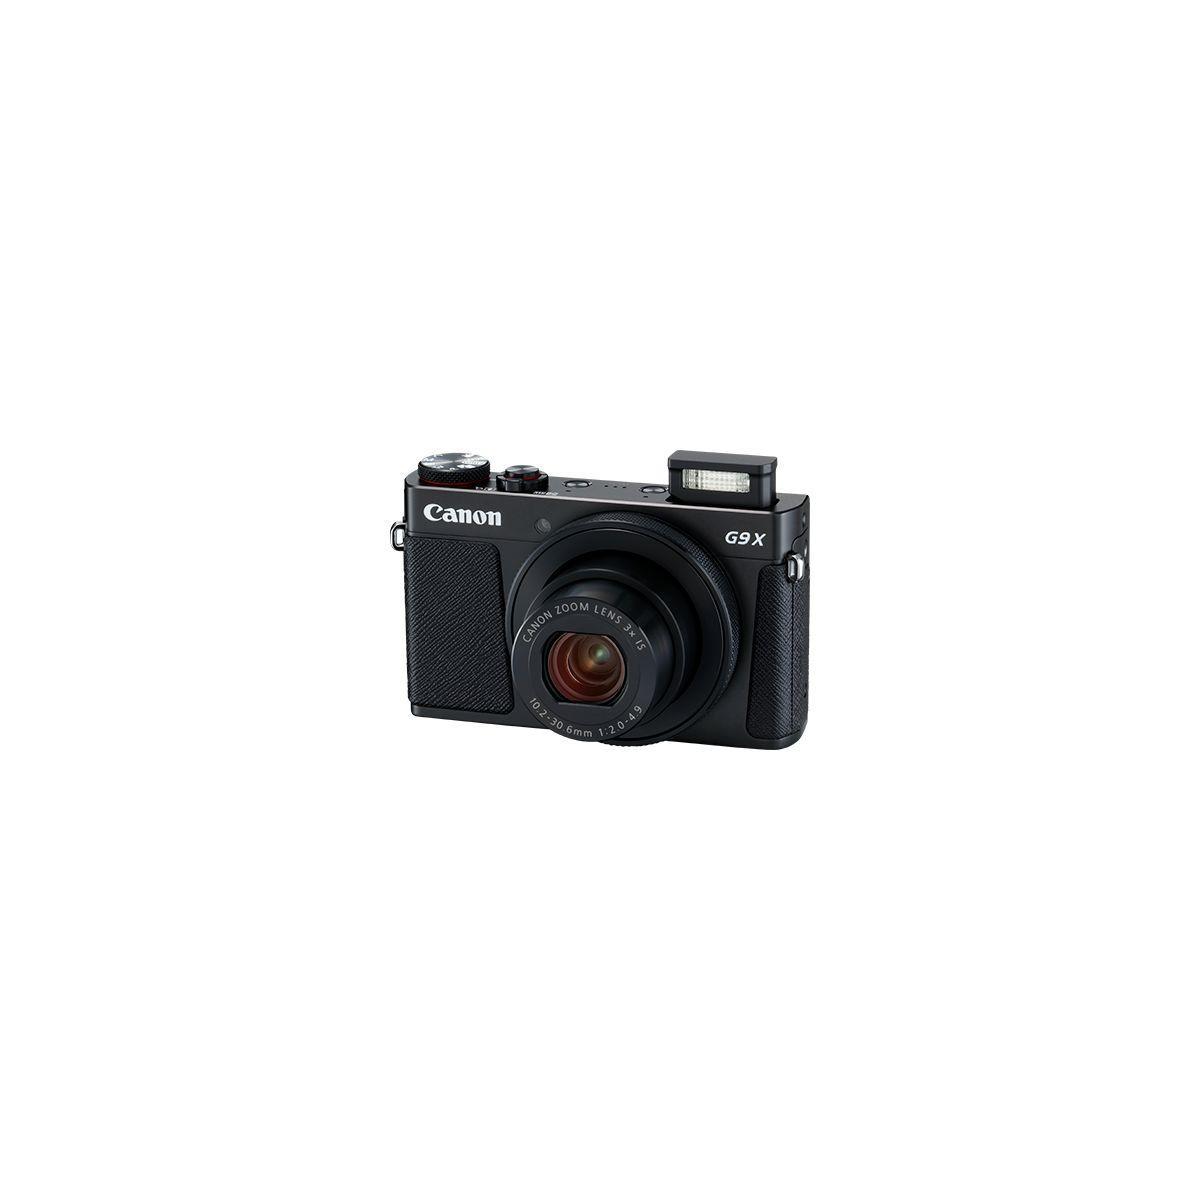 Appareil photo compact canon powershot g9x mark ii noir - 10% de remise imm�diate avec le code : school10 (photo)